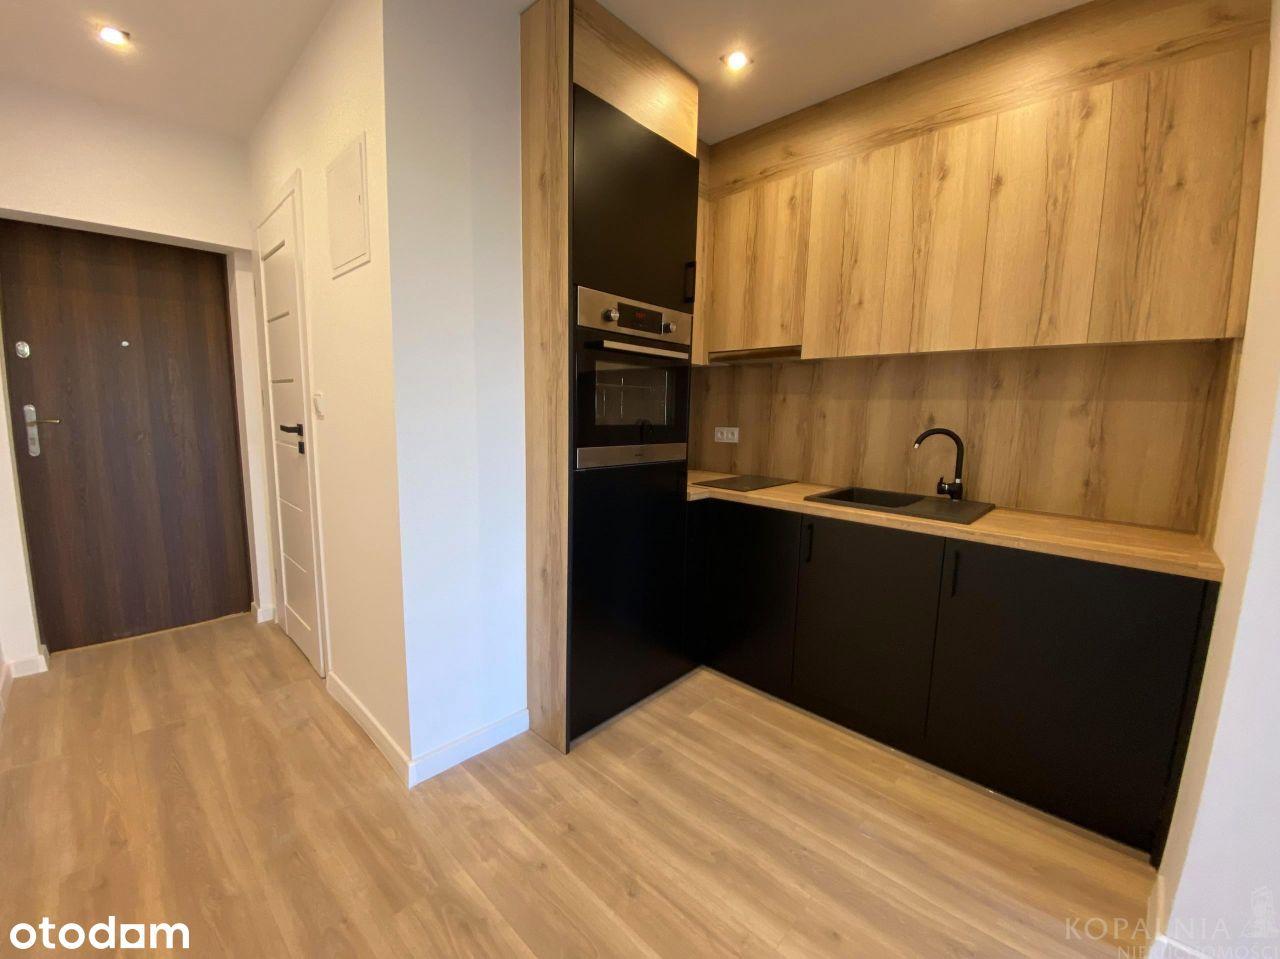 Mieszkanie gotowe do zamieszkania